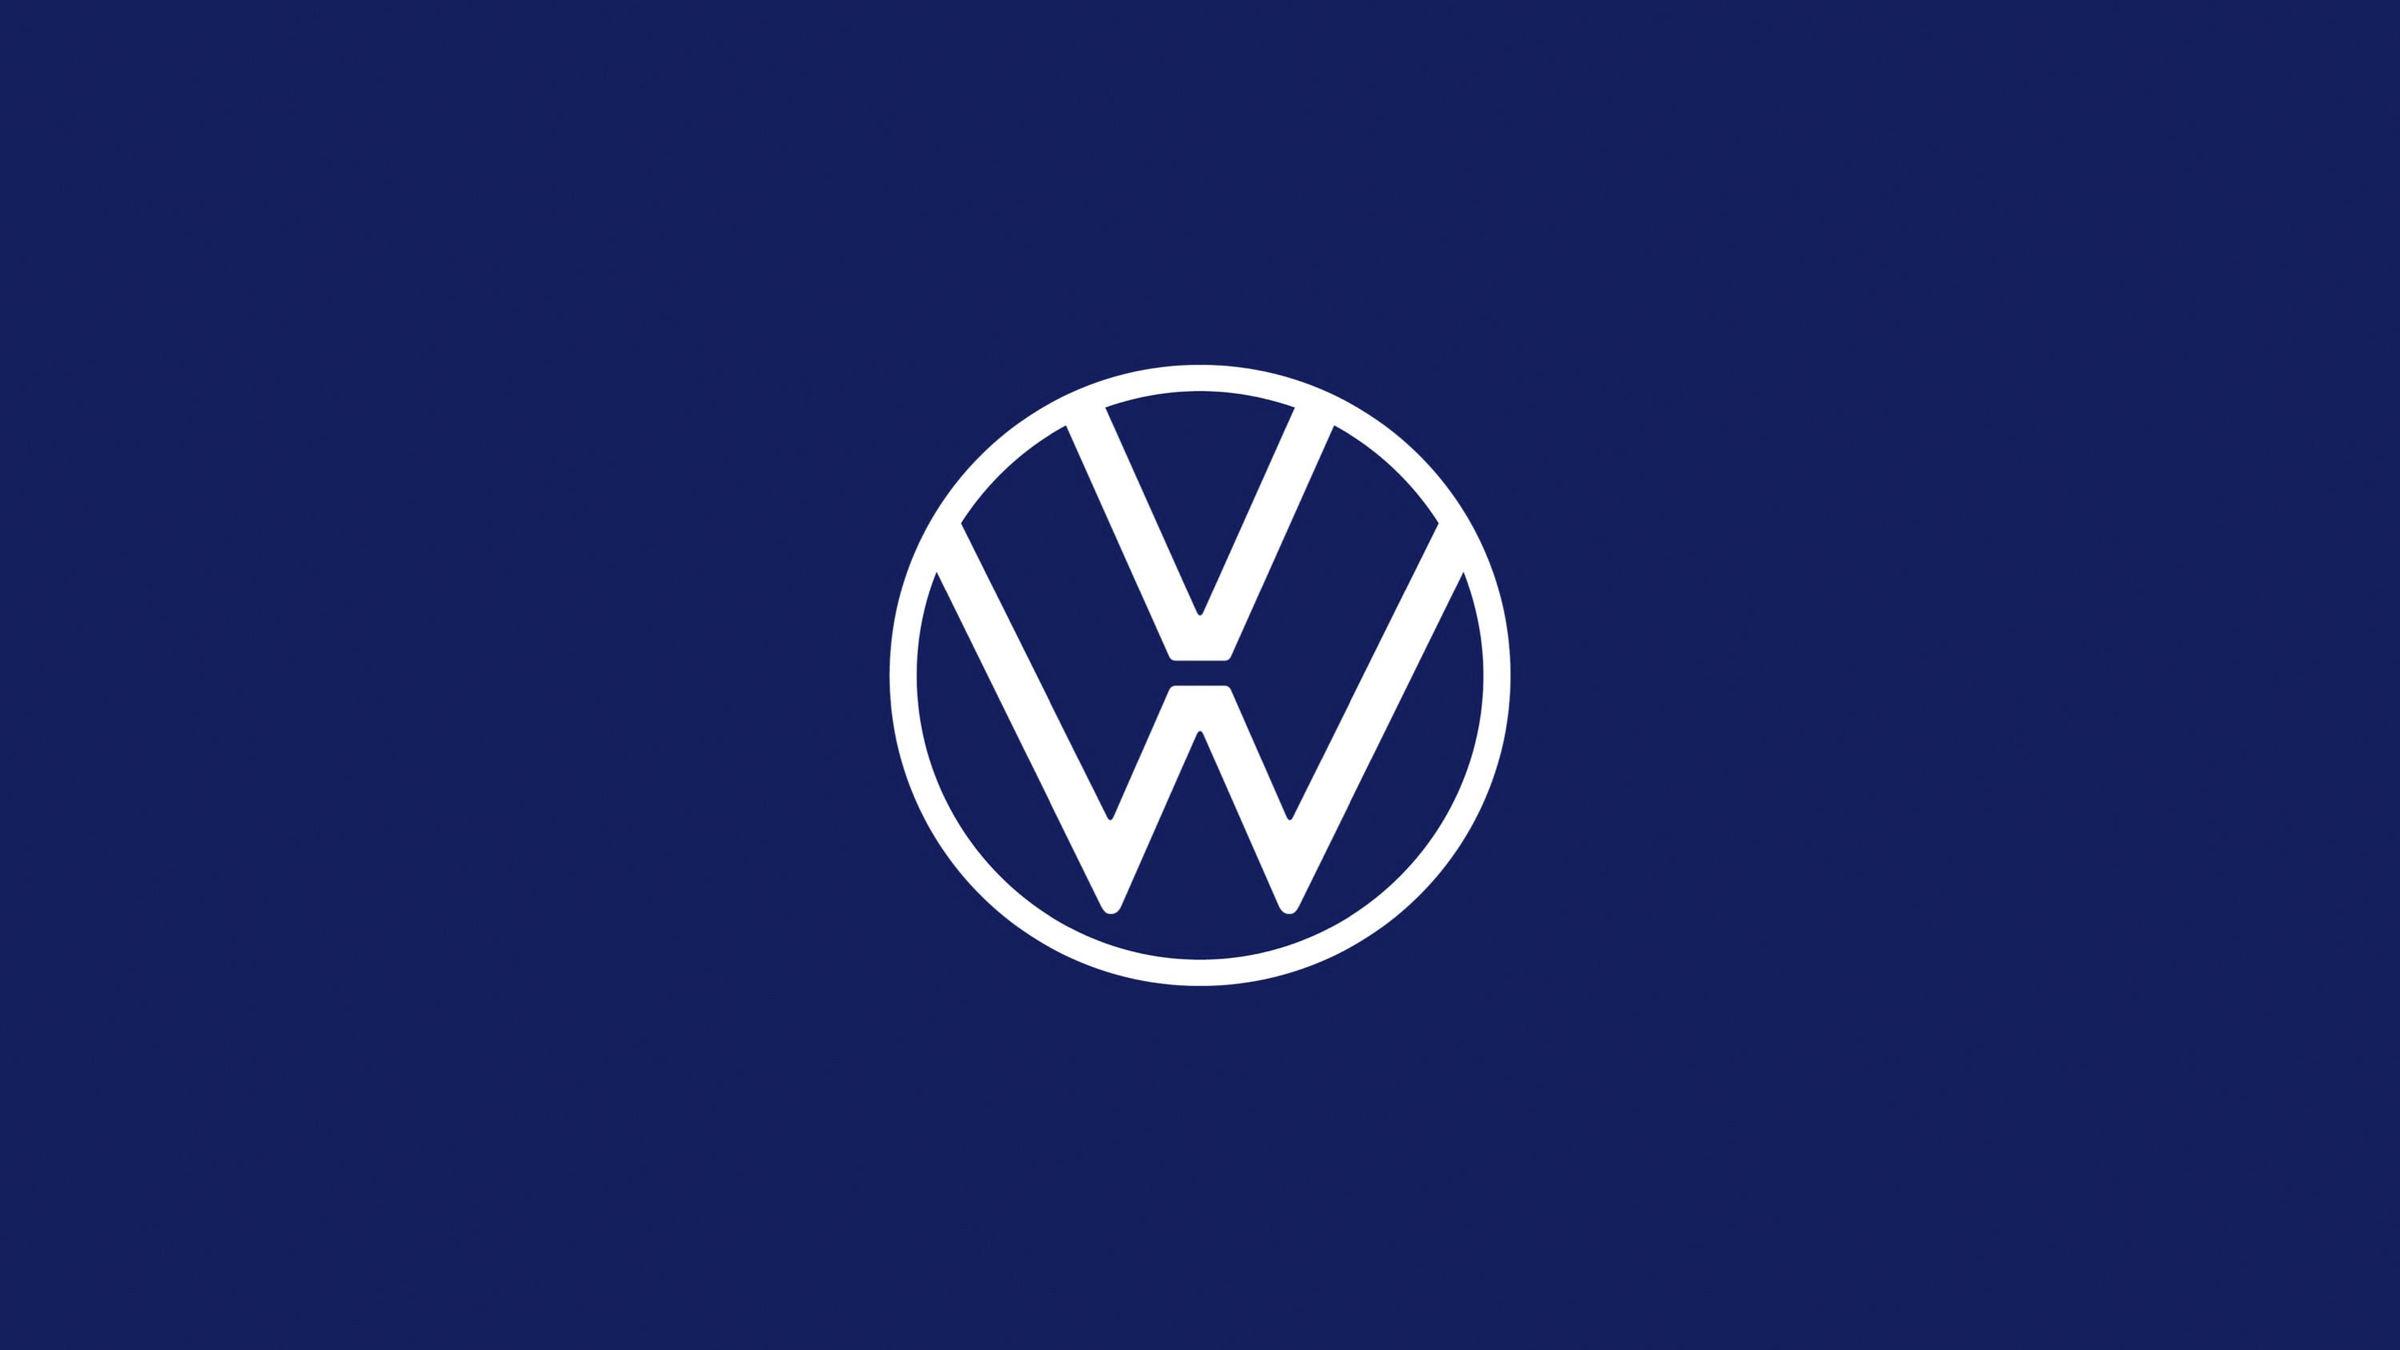 Nicht weniger als der Start einer neuen Ära: VW mit neuem Markenauftritt